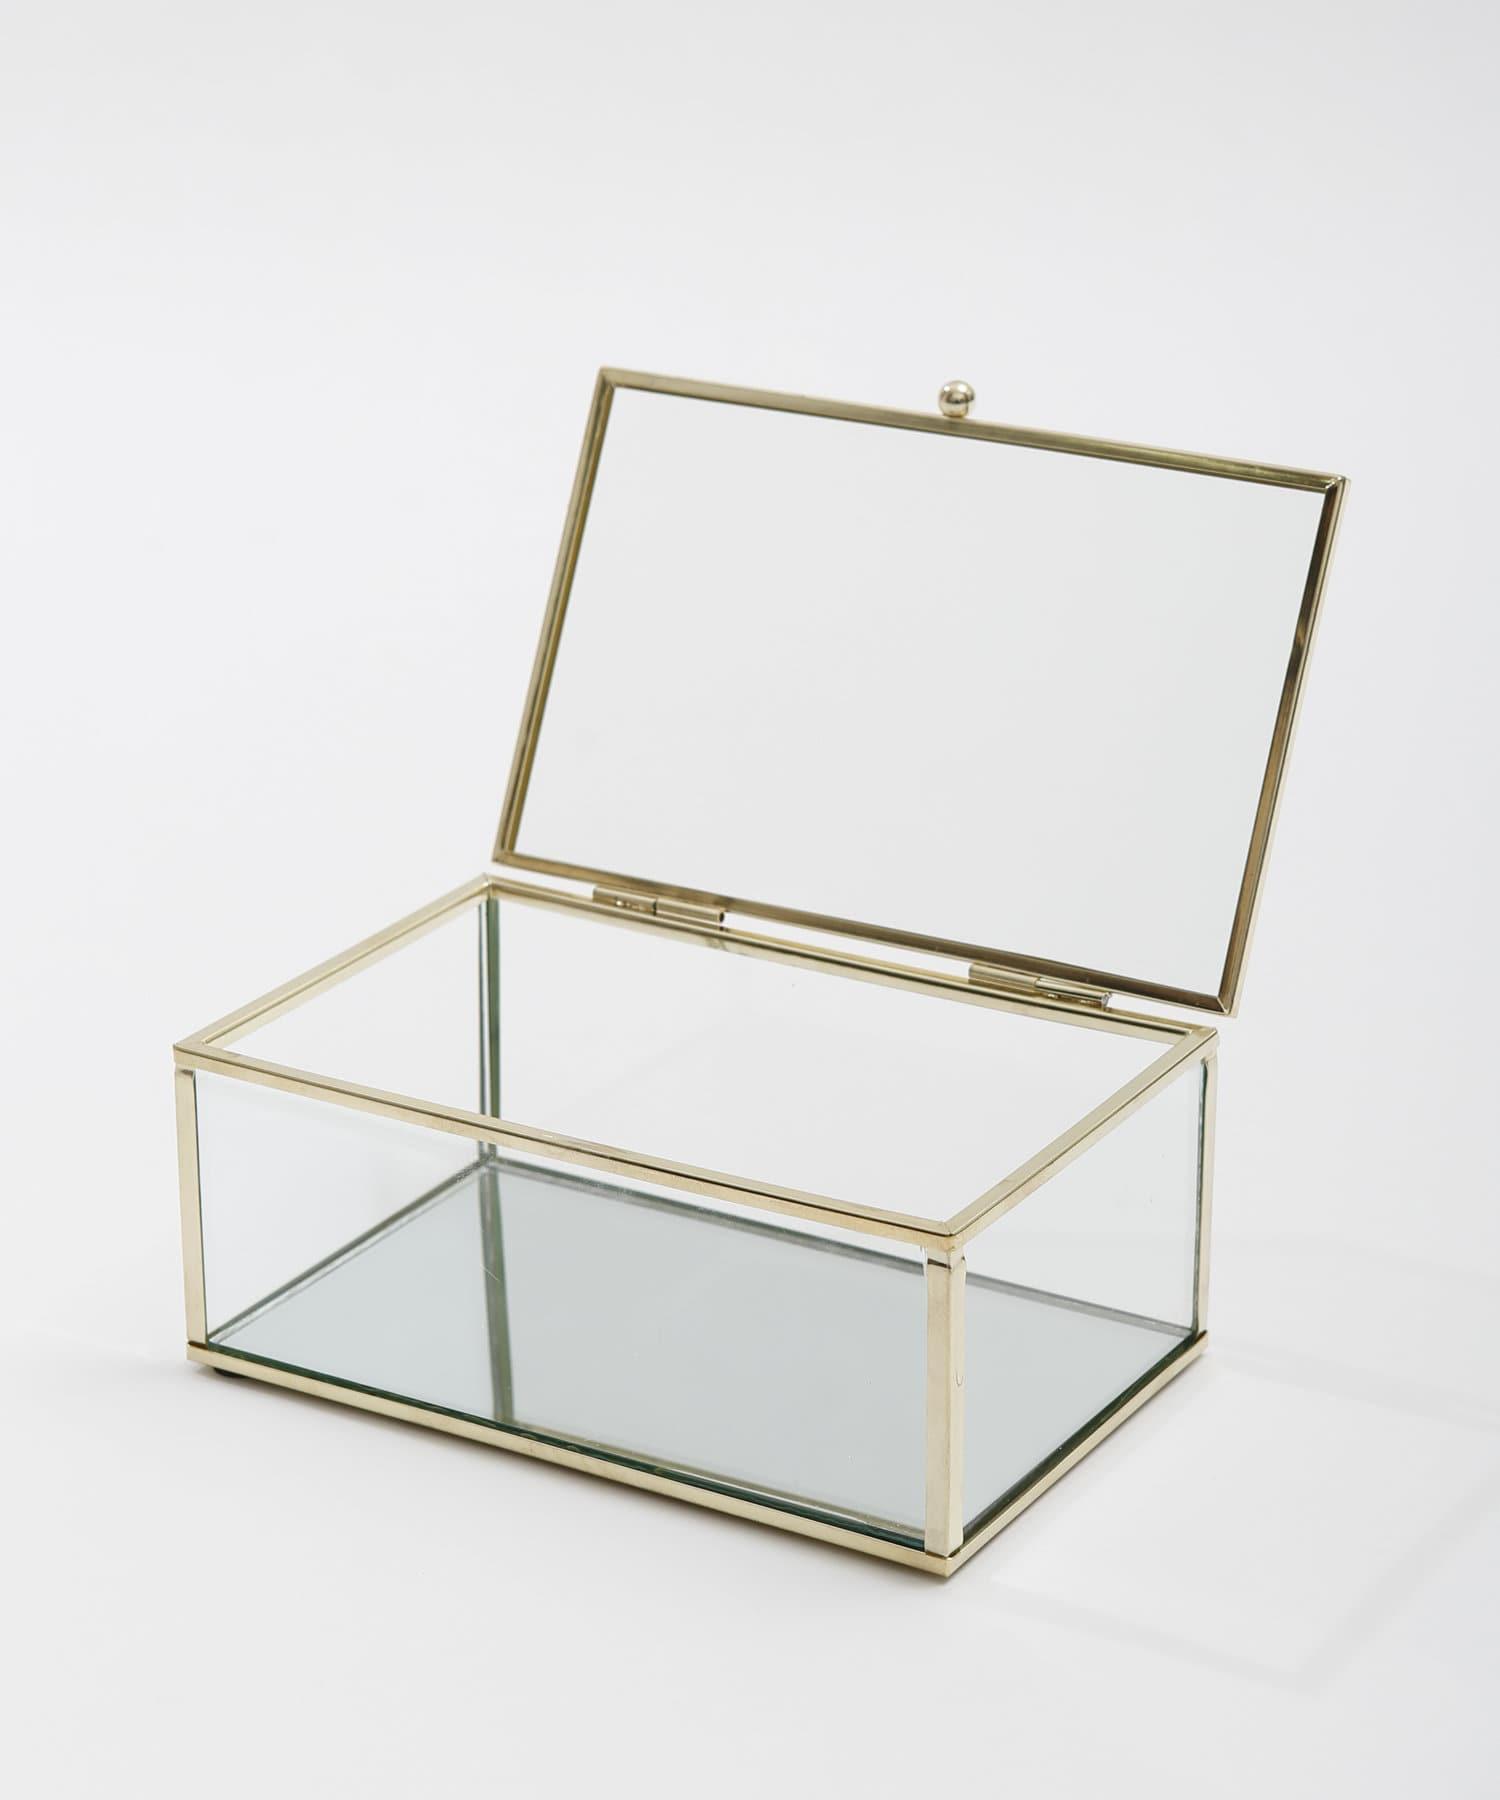 3COINS(スリーコインズ) ライフスタイル フタ付きガラスケース ゴールド